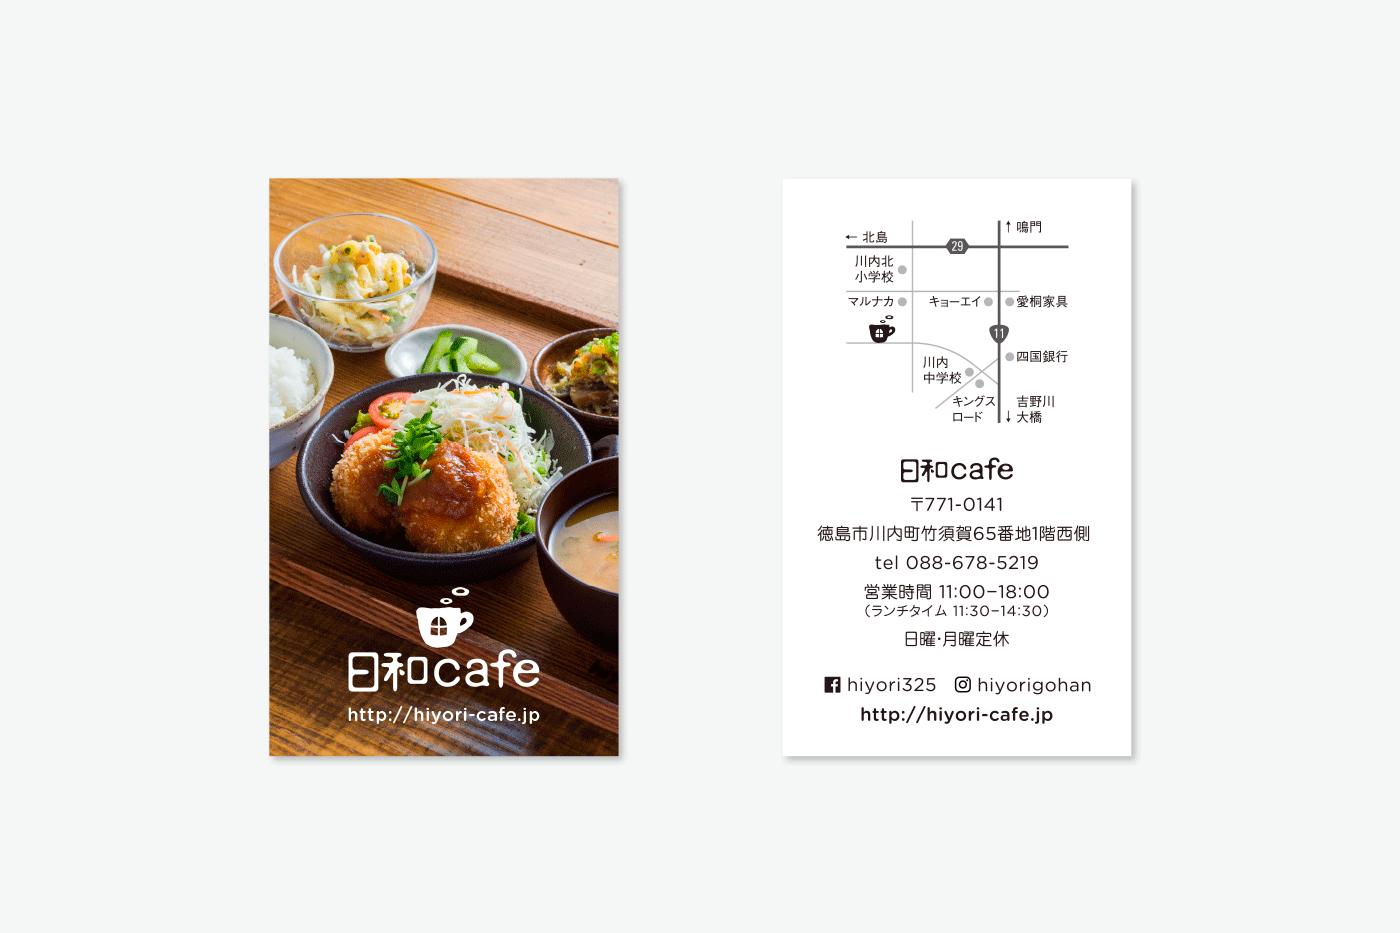 日和cafe[飲食店] ショップカードデザイン制作